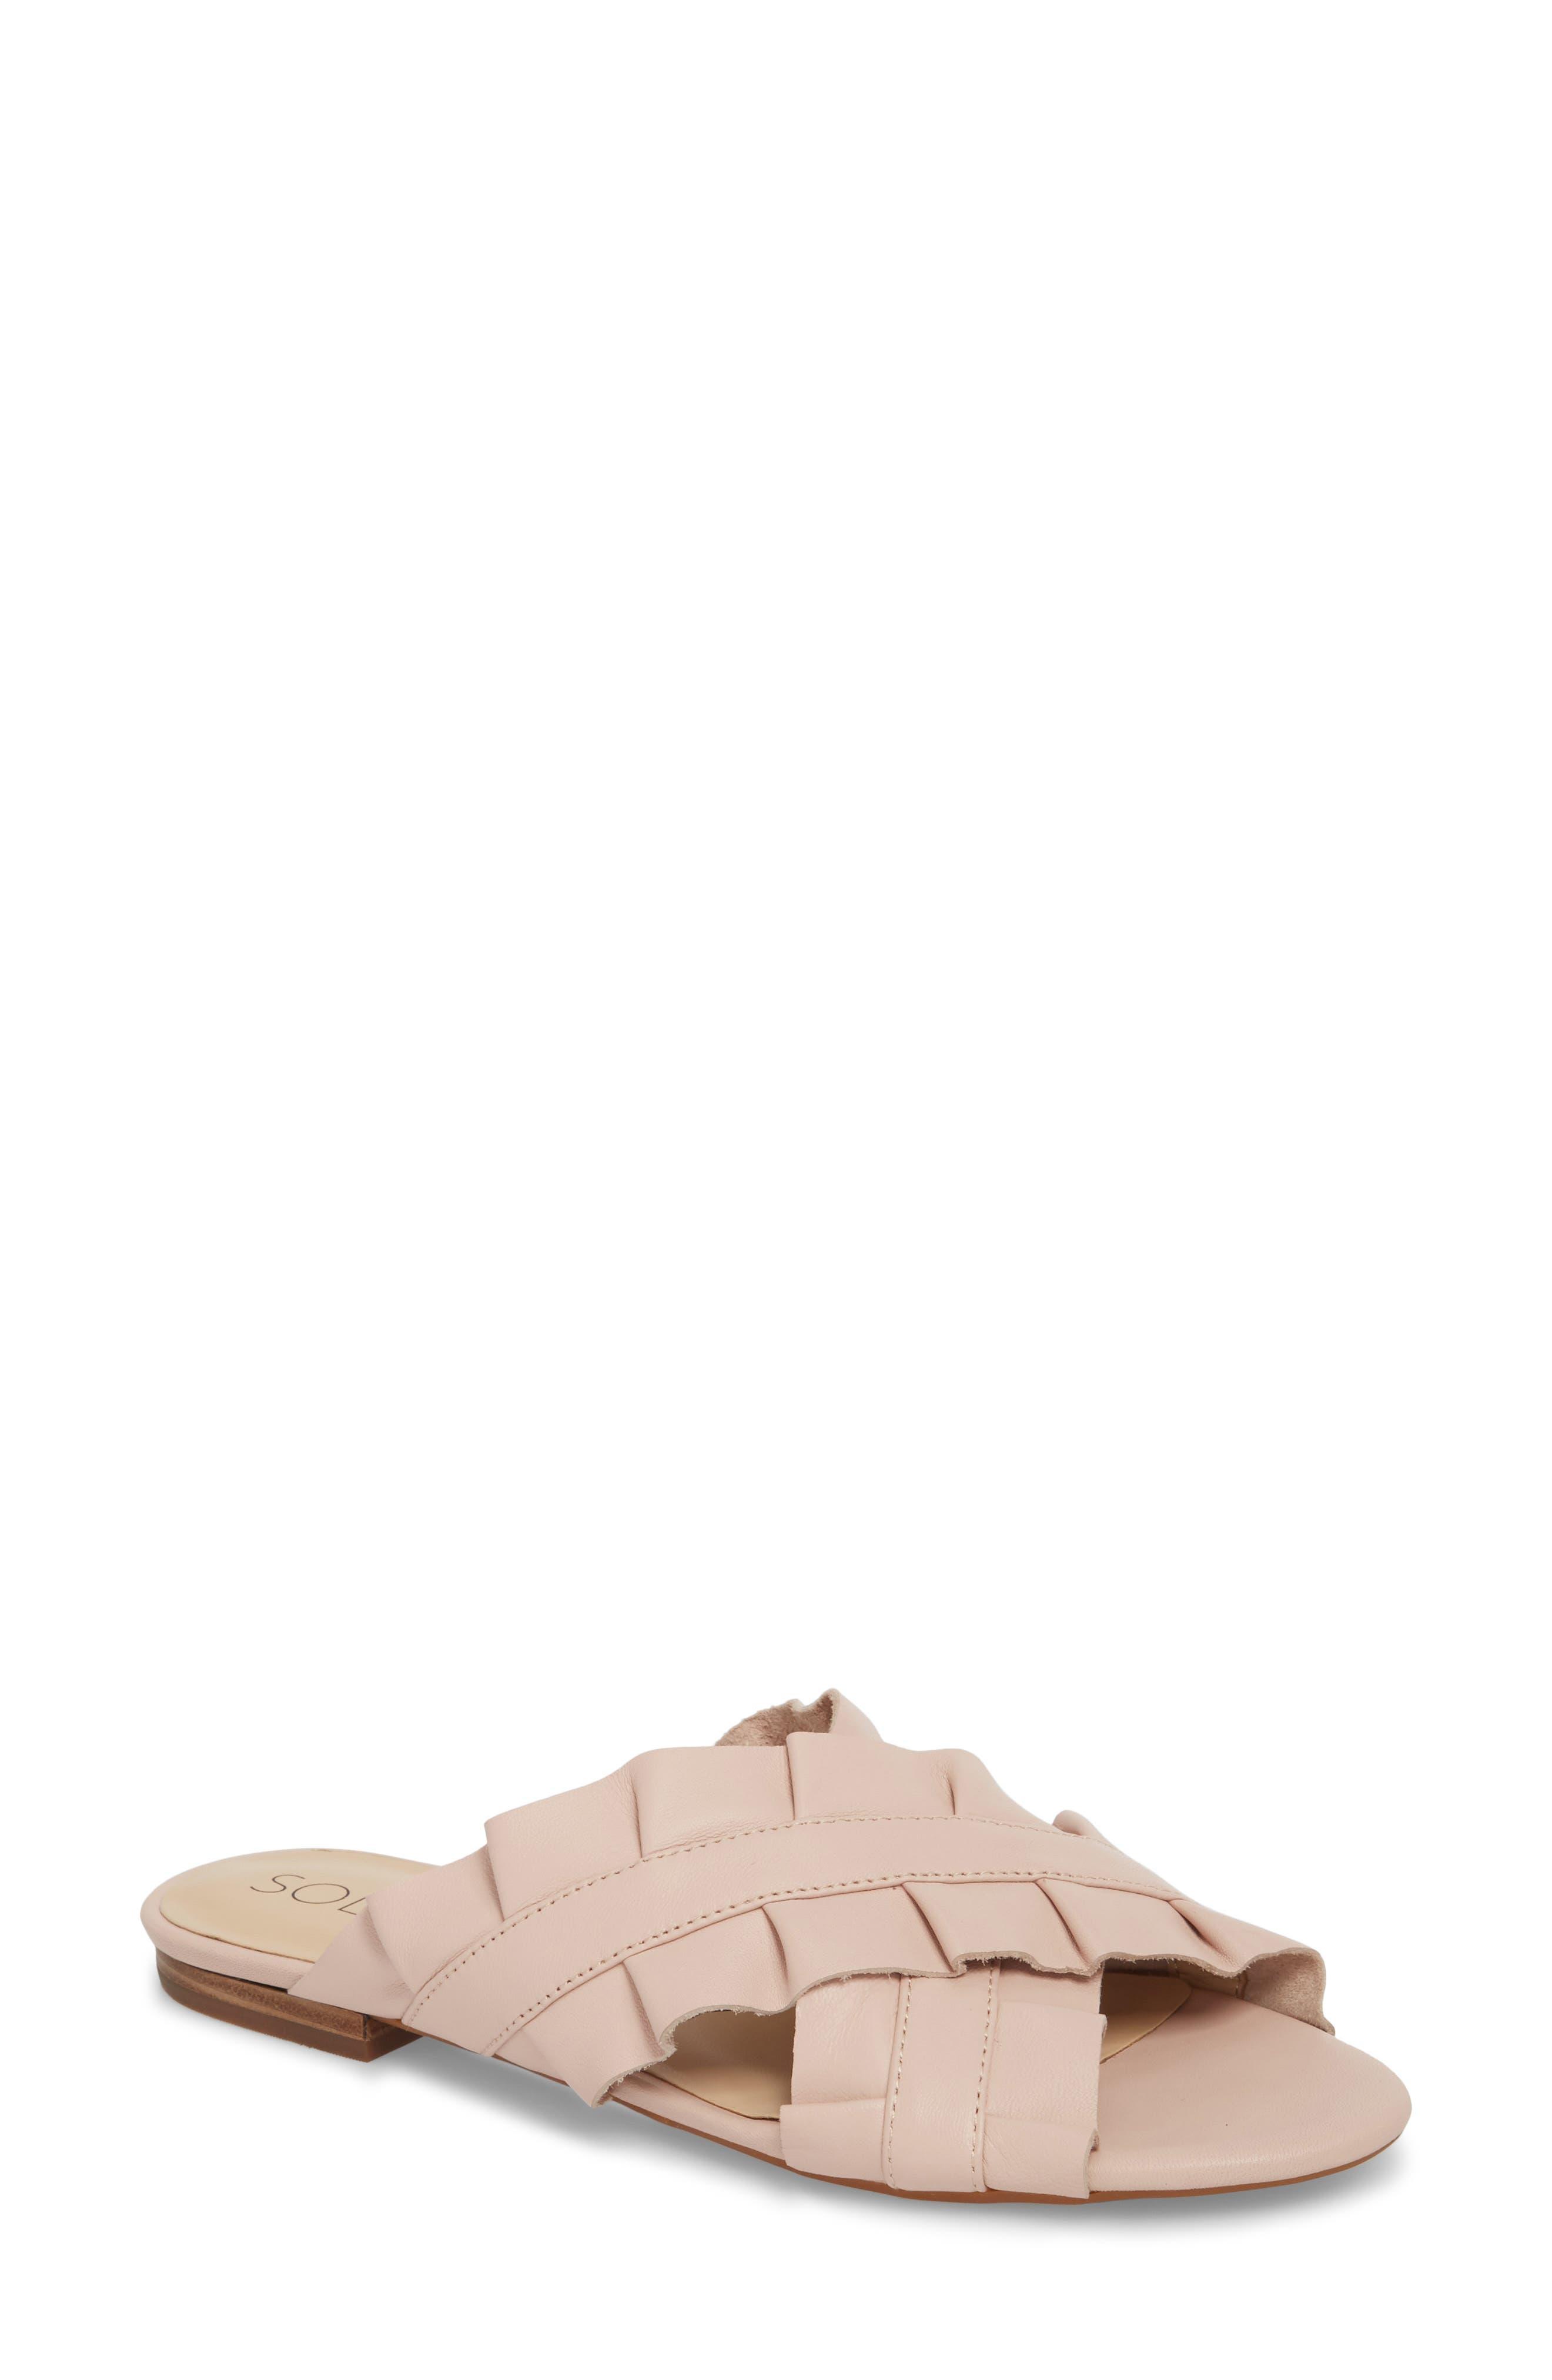 Mandi Slide Sandal,                             Main thumbnail 1, color,                             SPRING BLUSH